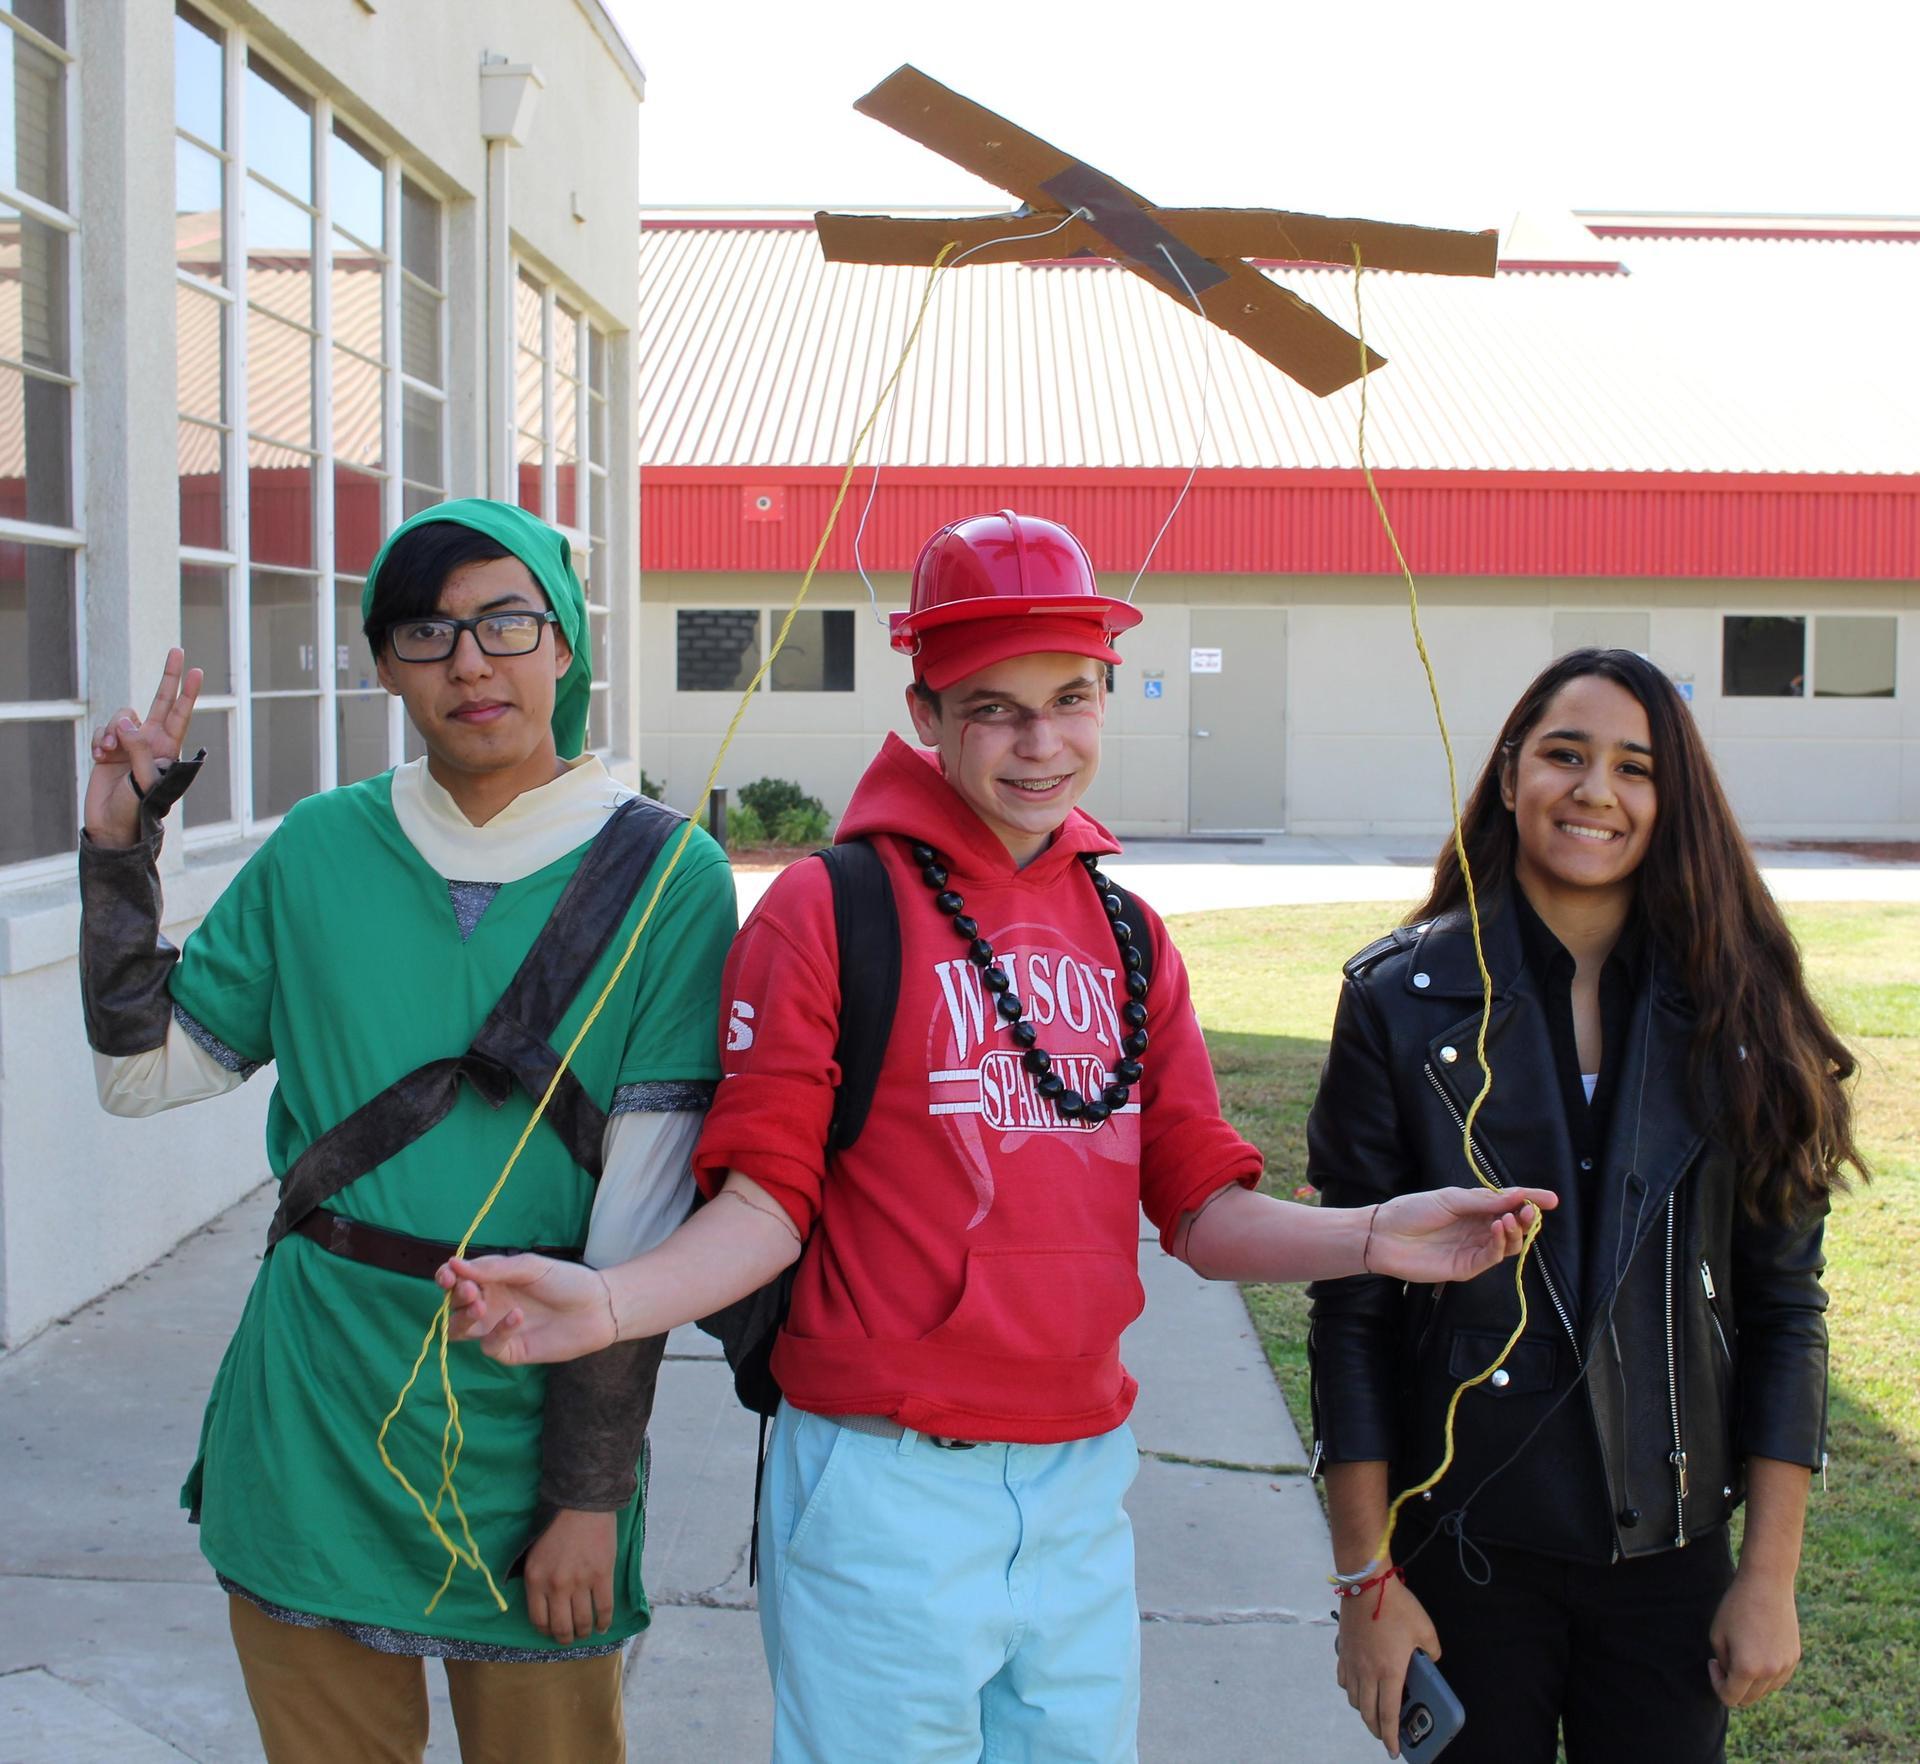 Samuel Gonzalez as Link, Tanner Pace as a Marionette, Savahna Ortega